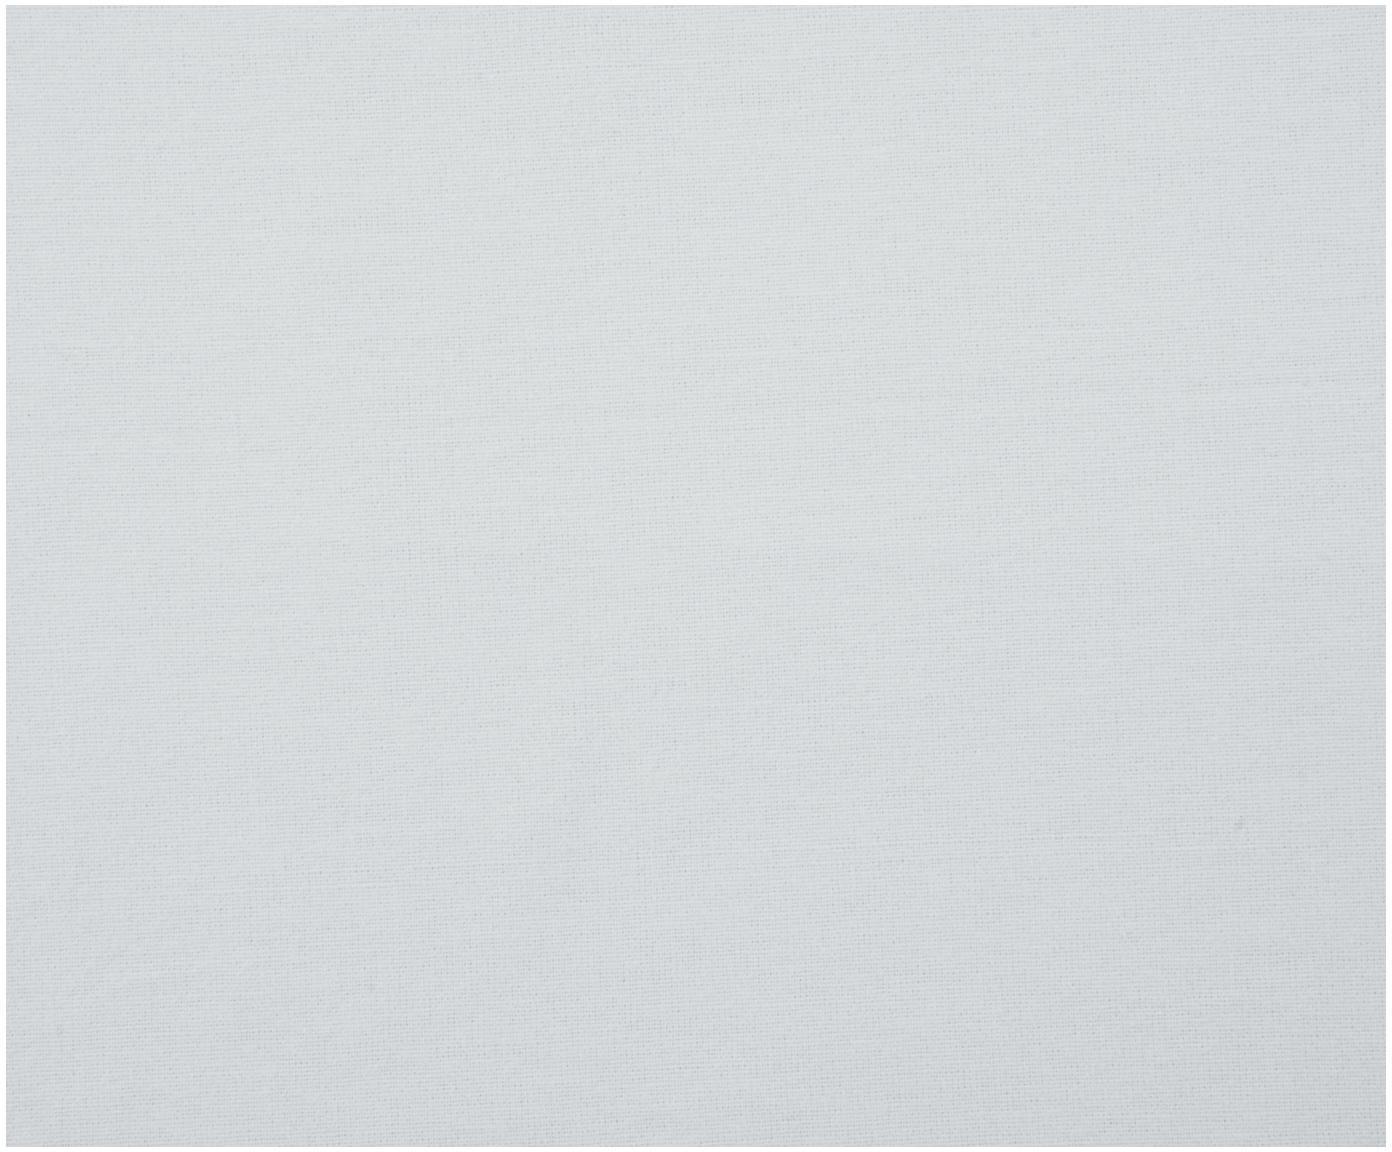 Prześcieradło z gumką z flaneli Biba, Jasny szary, S 180 x D 200 cm